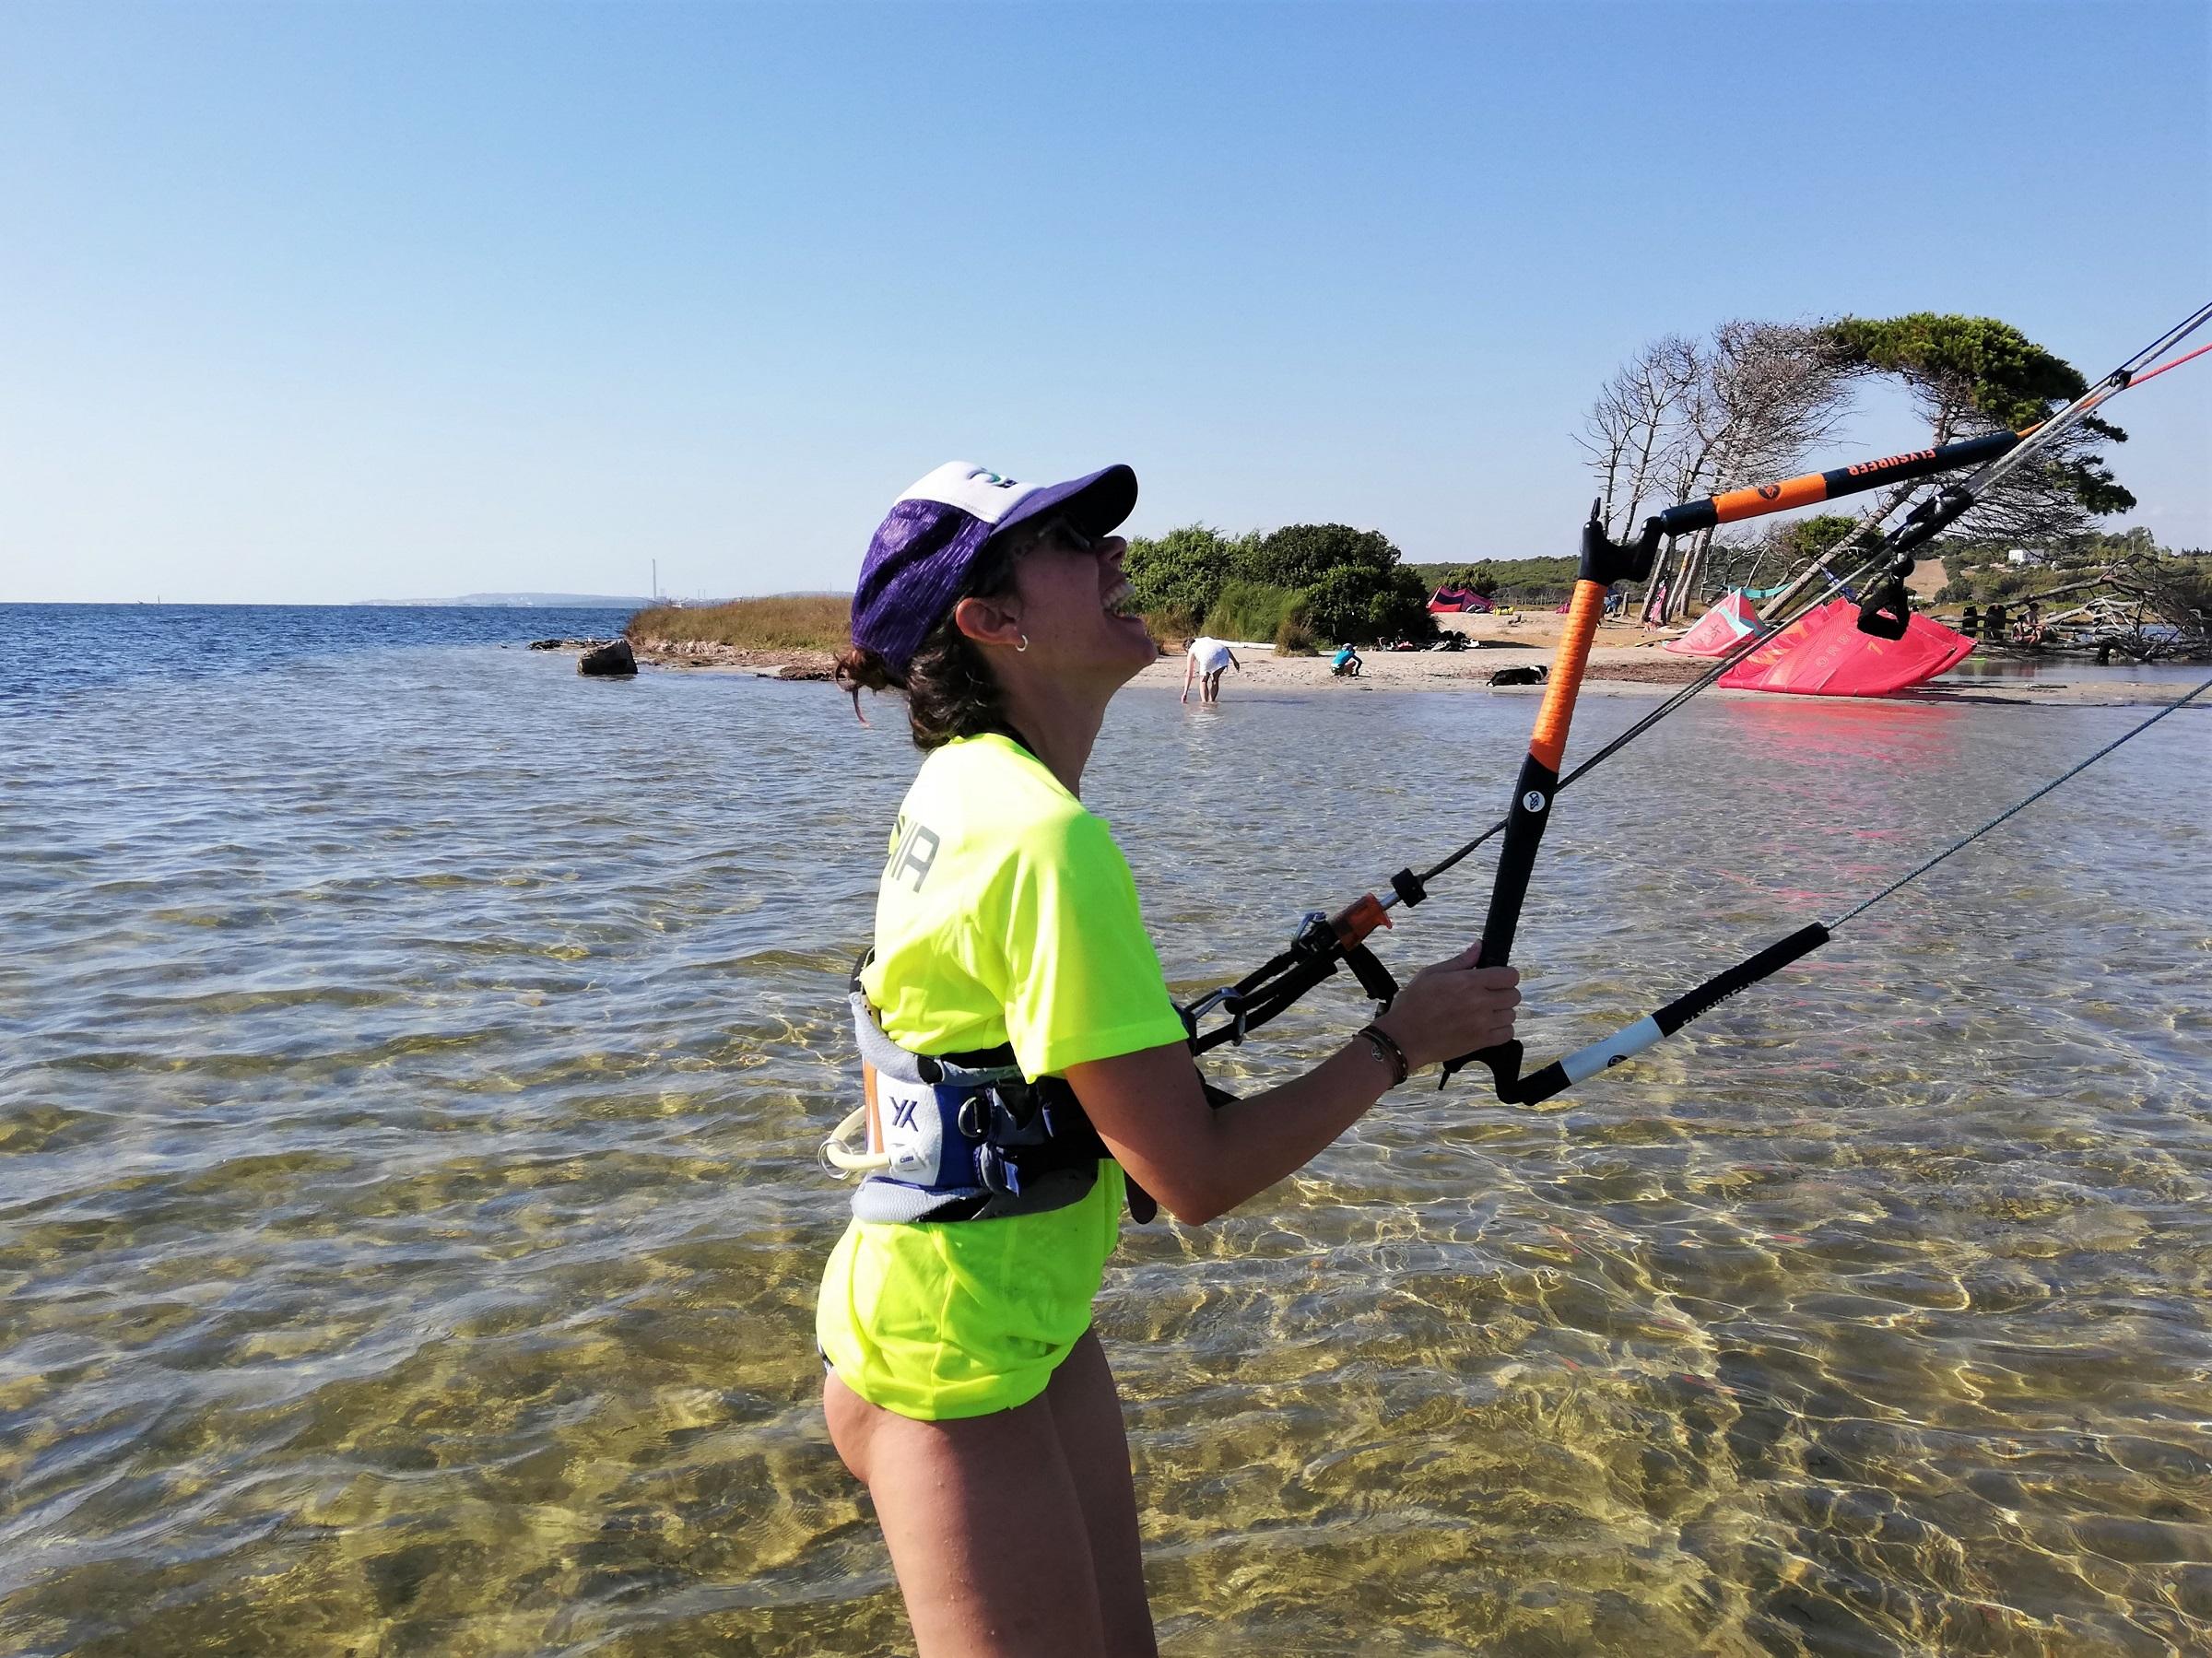 lezione di kitesurf a Punta Trettu in Sardegna